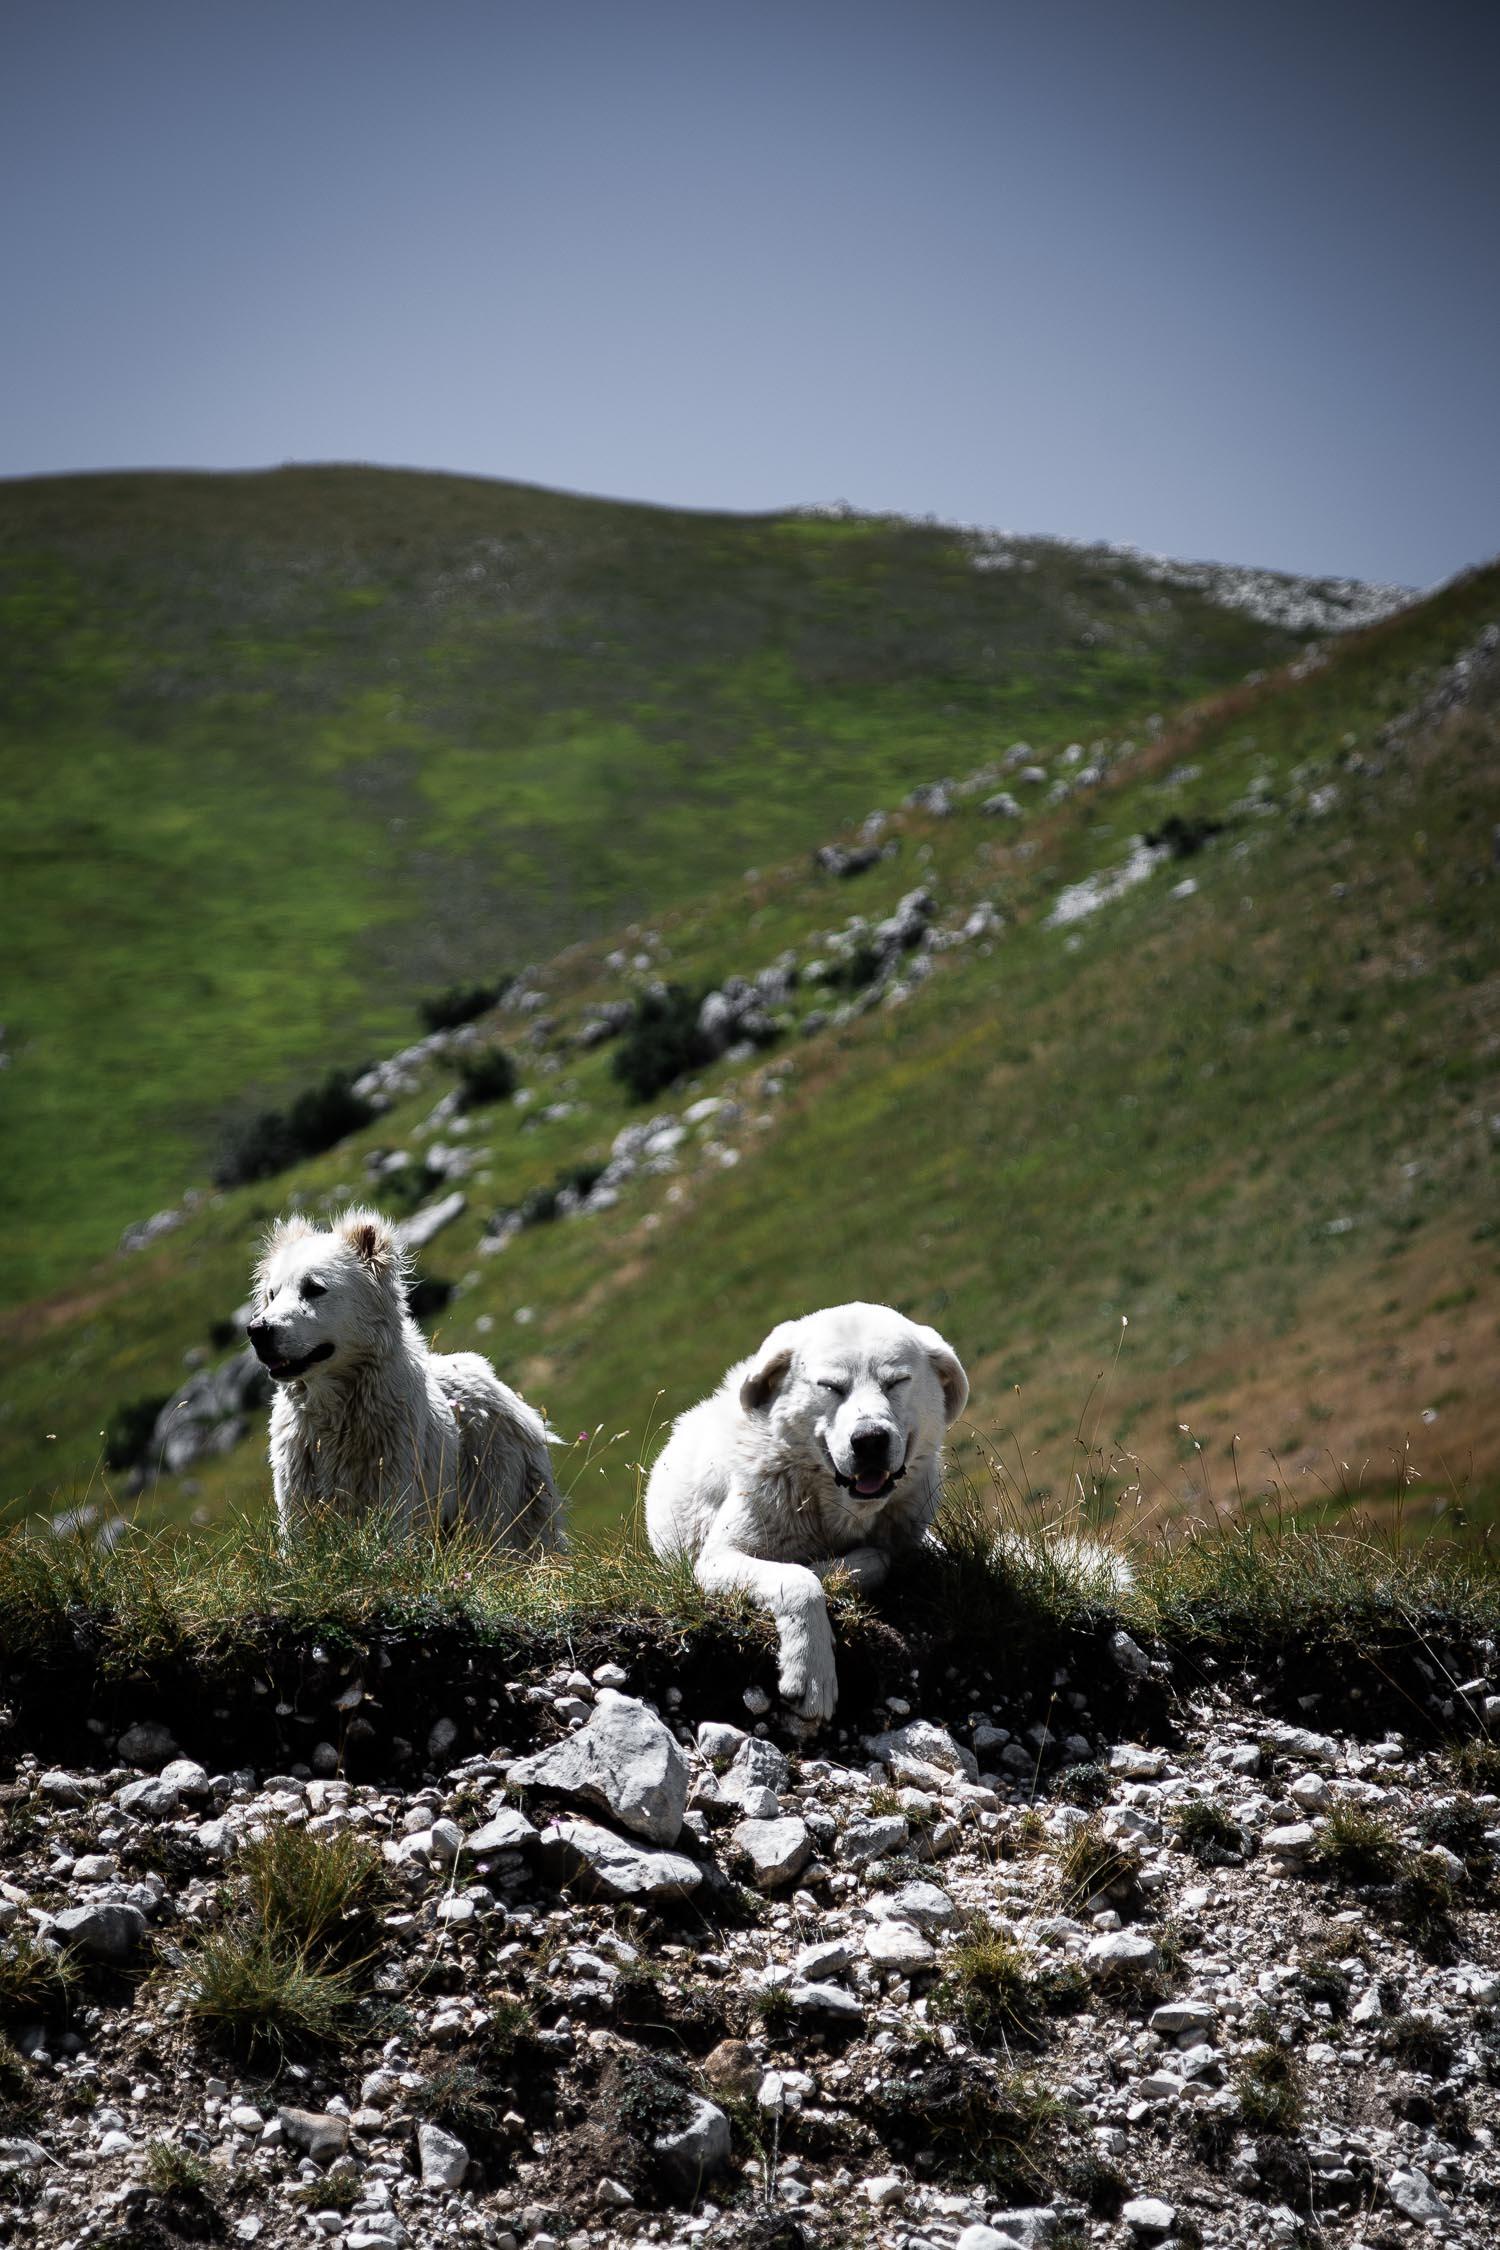 Wild-Dogs-Campo-Imperatore-Gran-Sasso-Abruzzo-5720.jpg